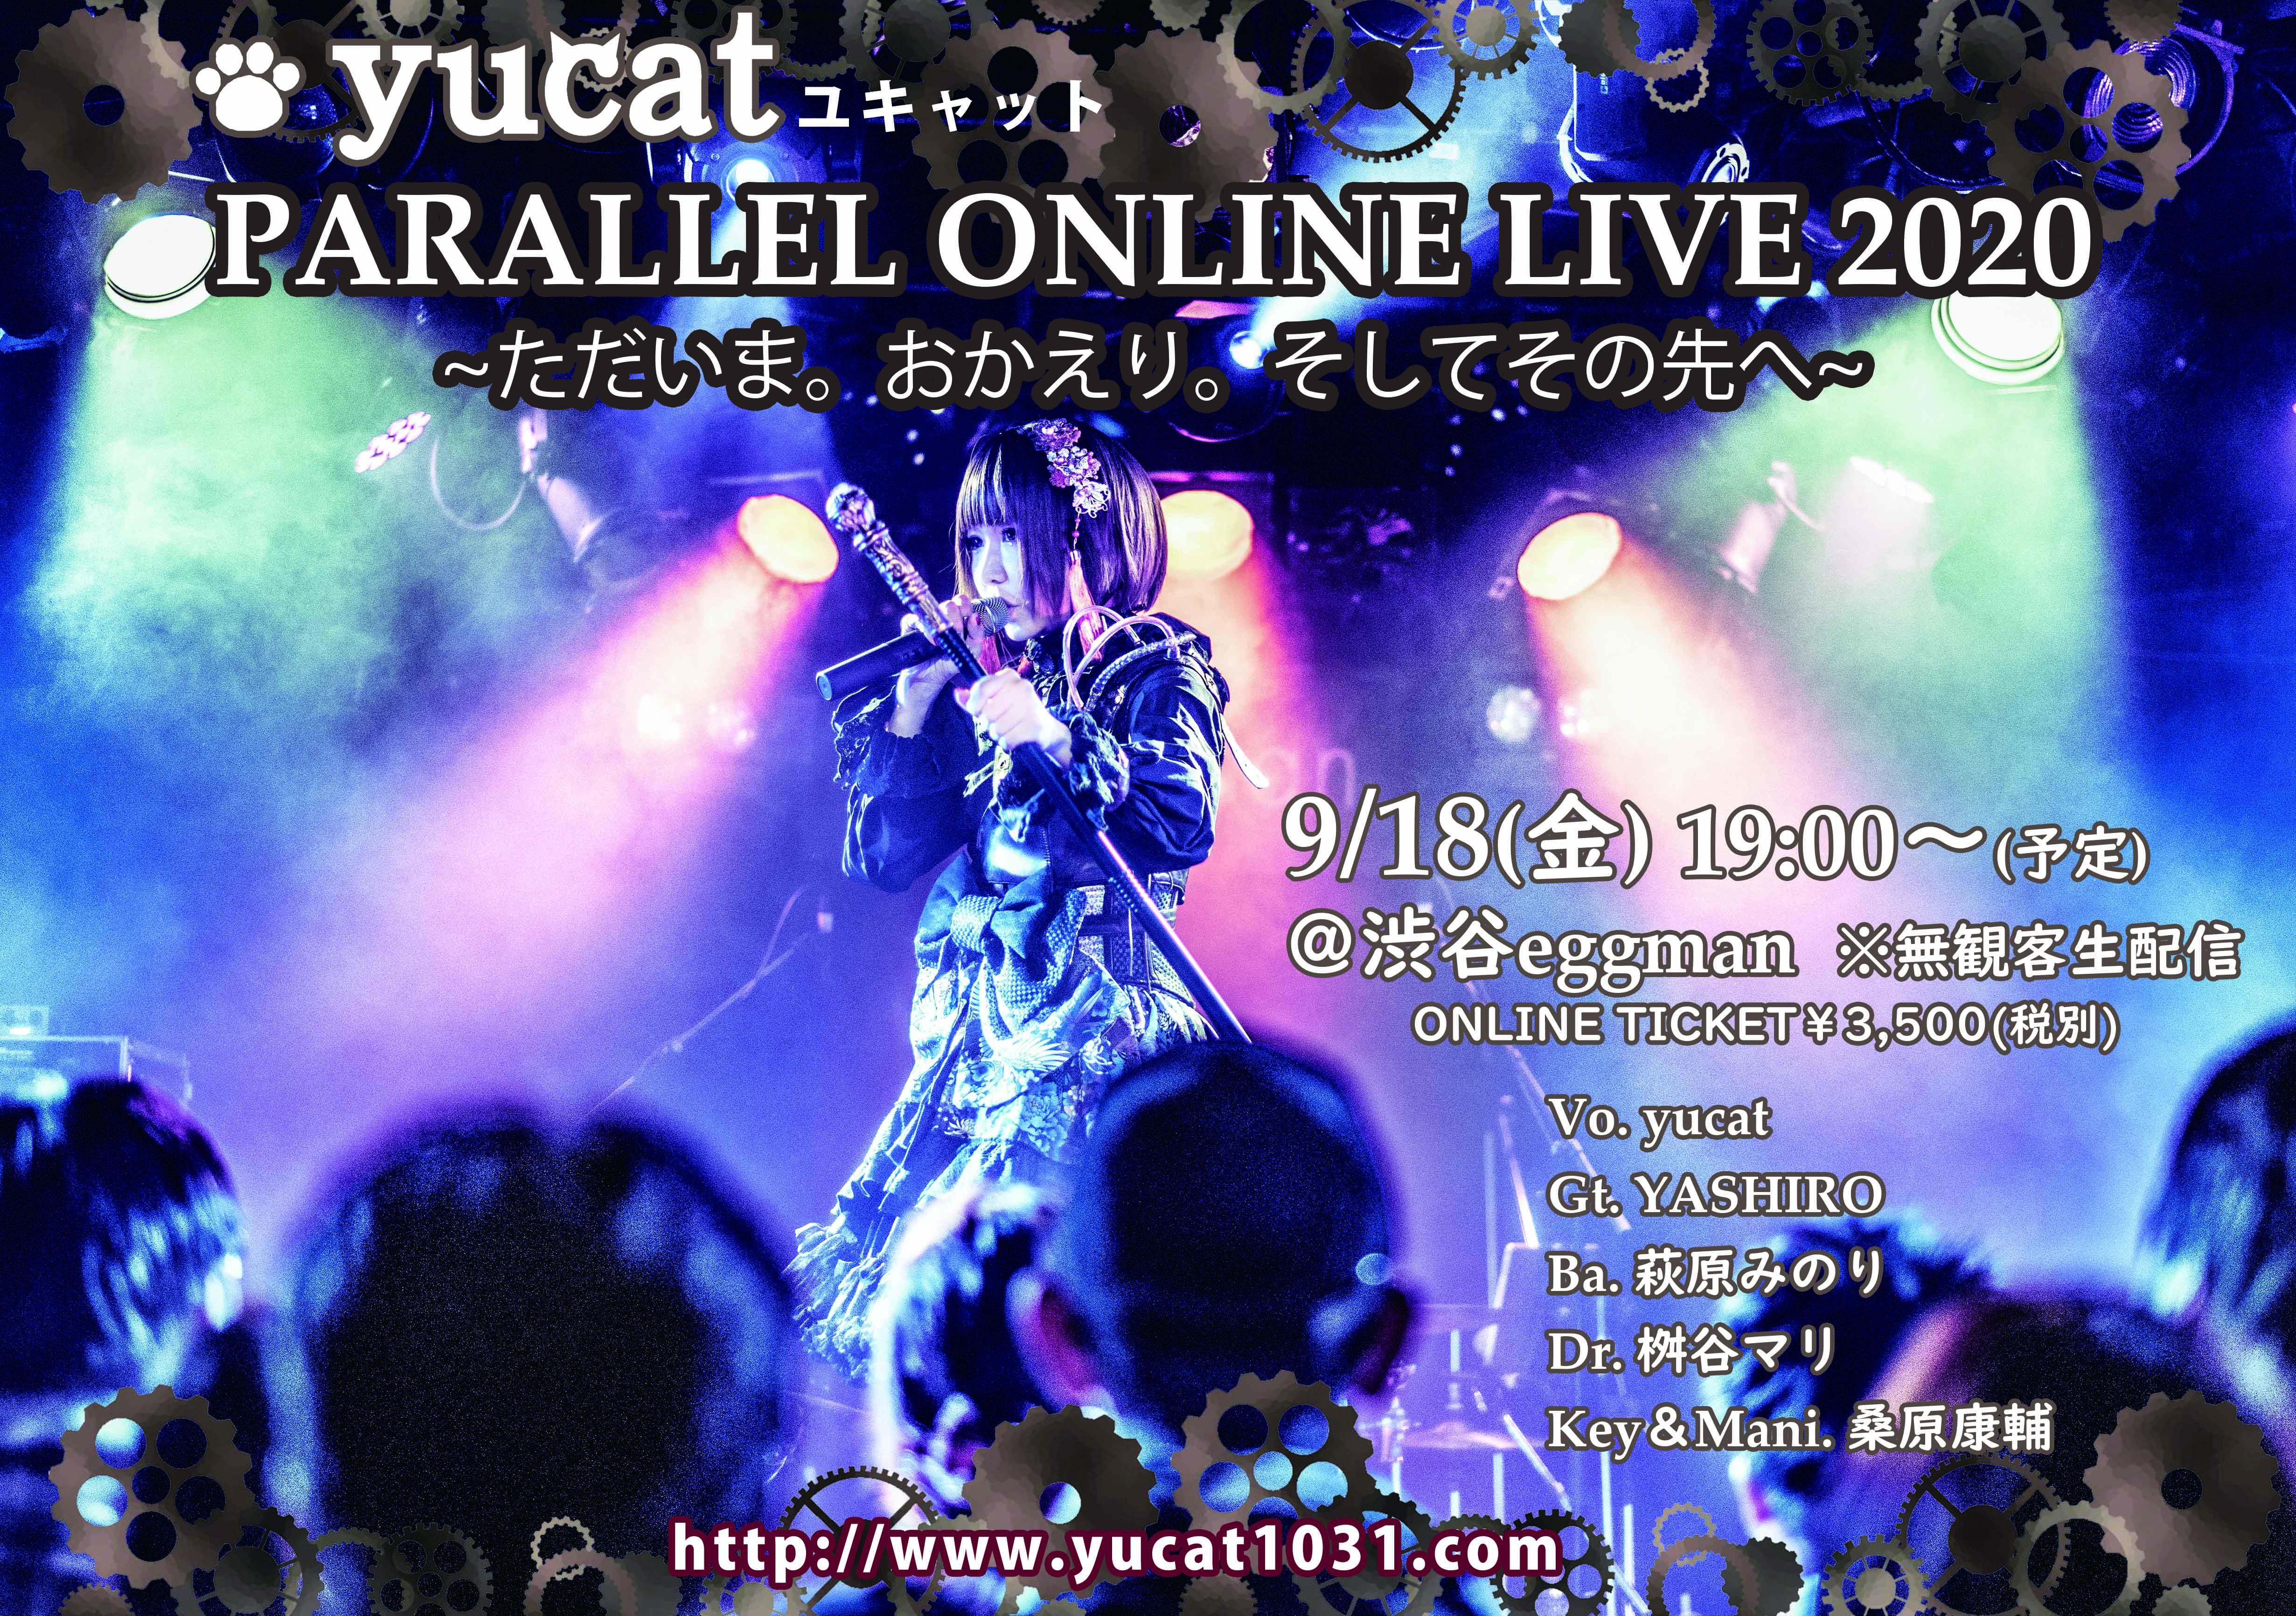 yucat2020onlineLIVE